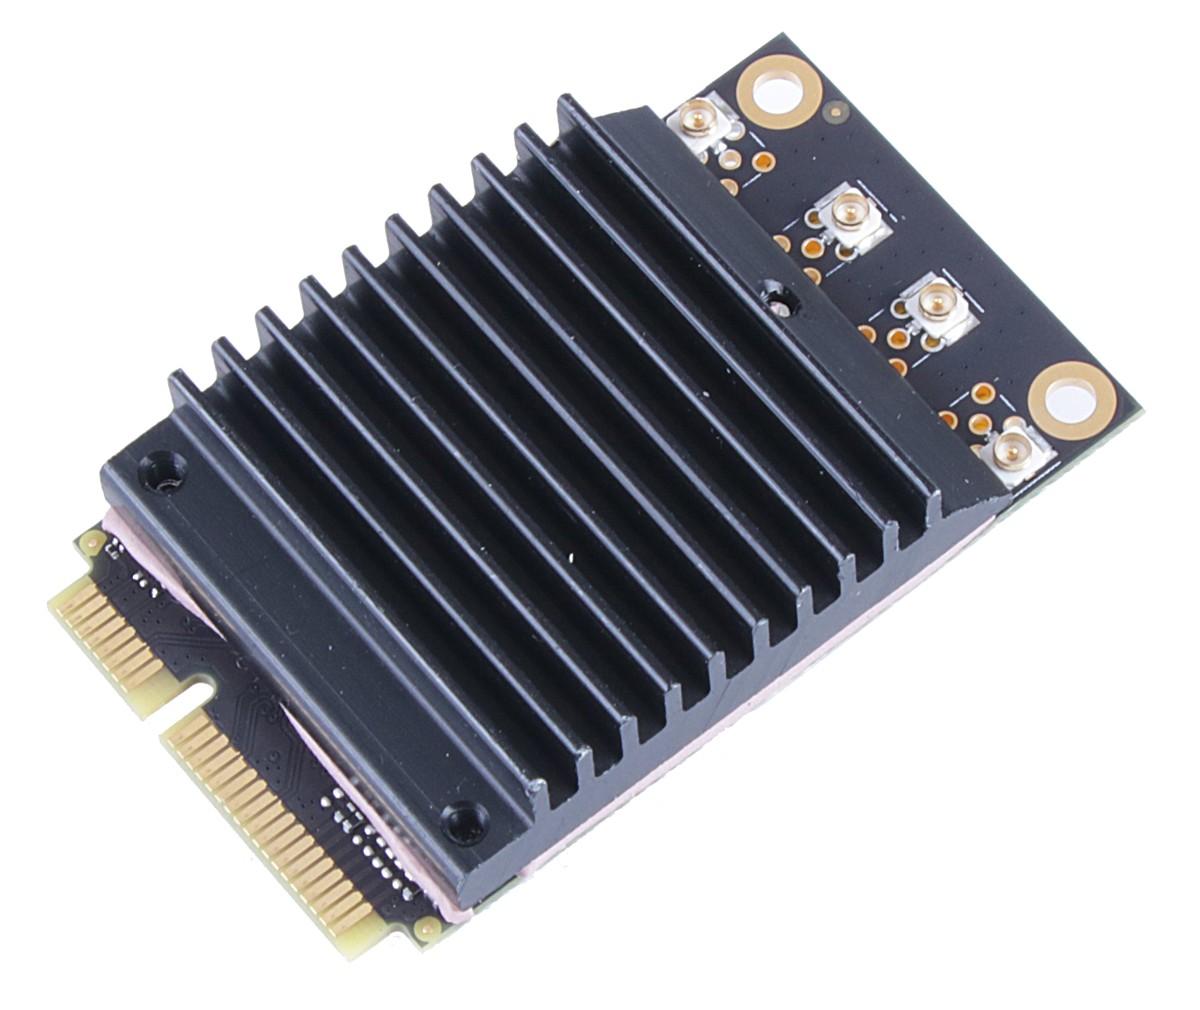 super populaire nouvelle version la clientèle d'abord Compex WLE1216V5-20 miniPCIe, 802.11ac wave 2, 4x4 MU-MIMO ...